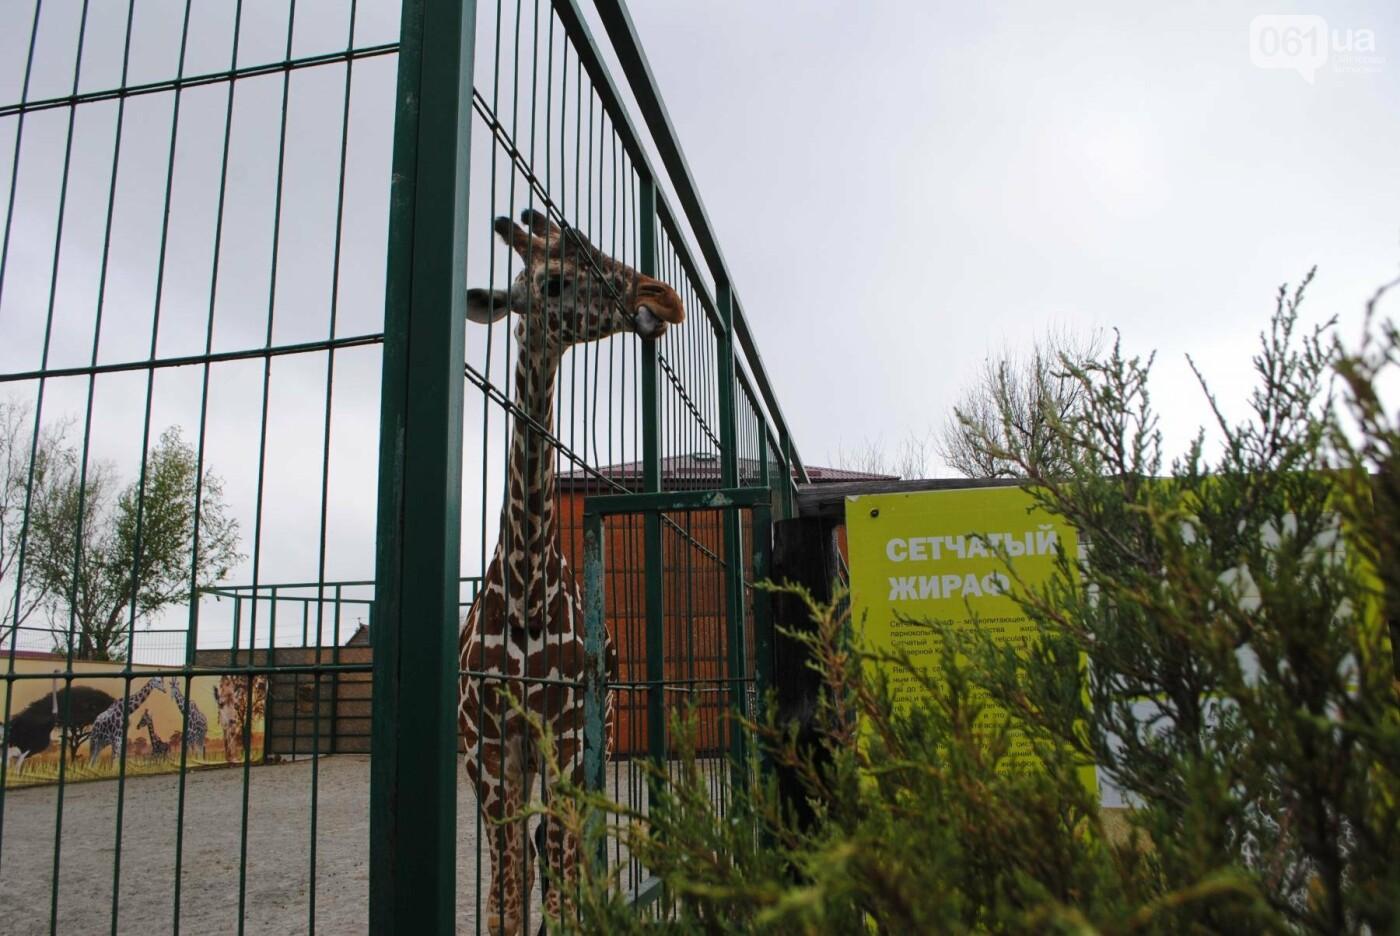 В бердянском зоопарке появились кенгуру: они любят хлеб и скоро станут ручными, - ФОТОРЕПОРТАЖ, фото-16